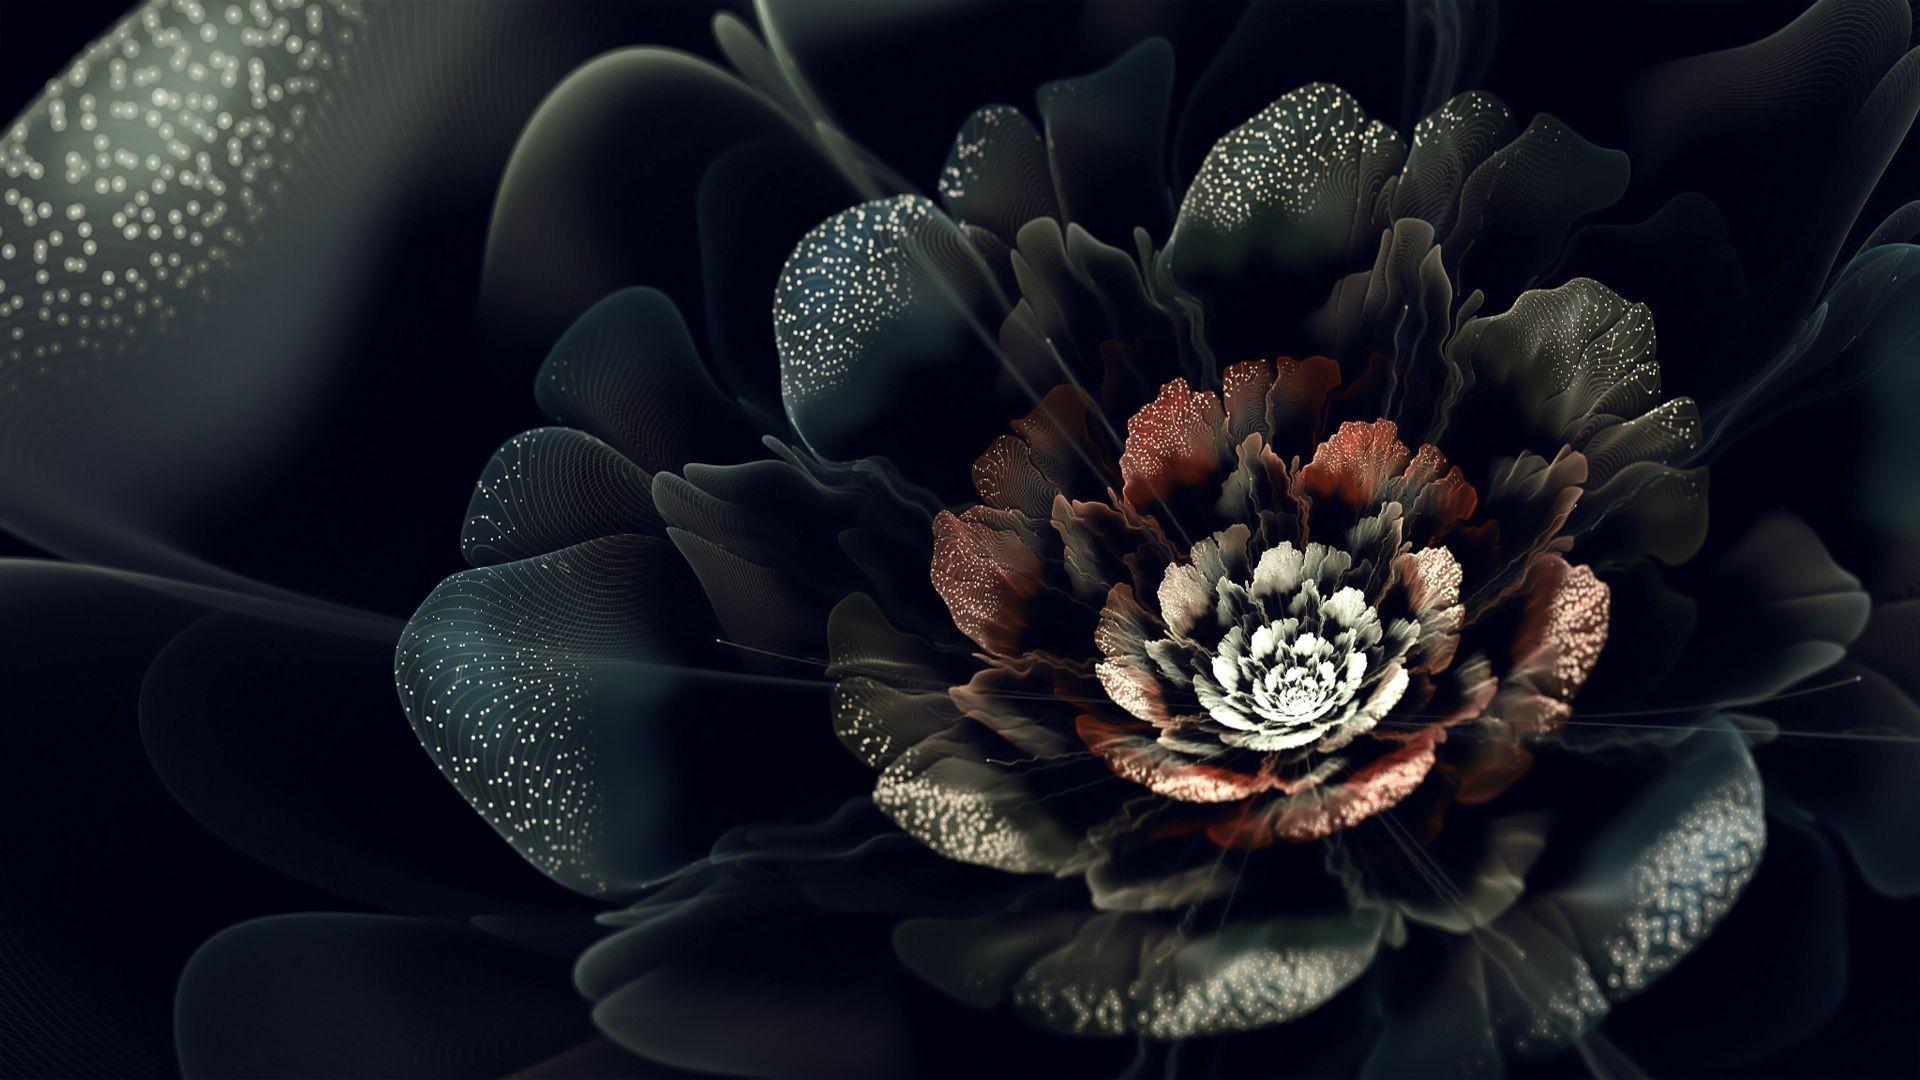 картинки на экран цветы на черном фоне окультурили